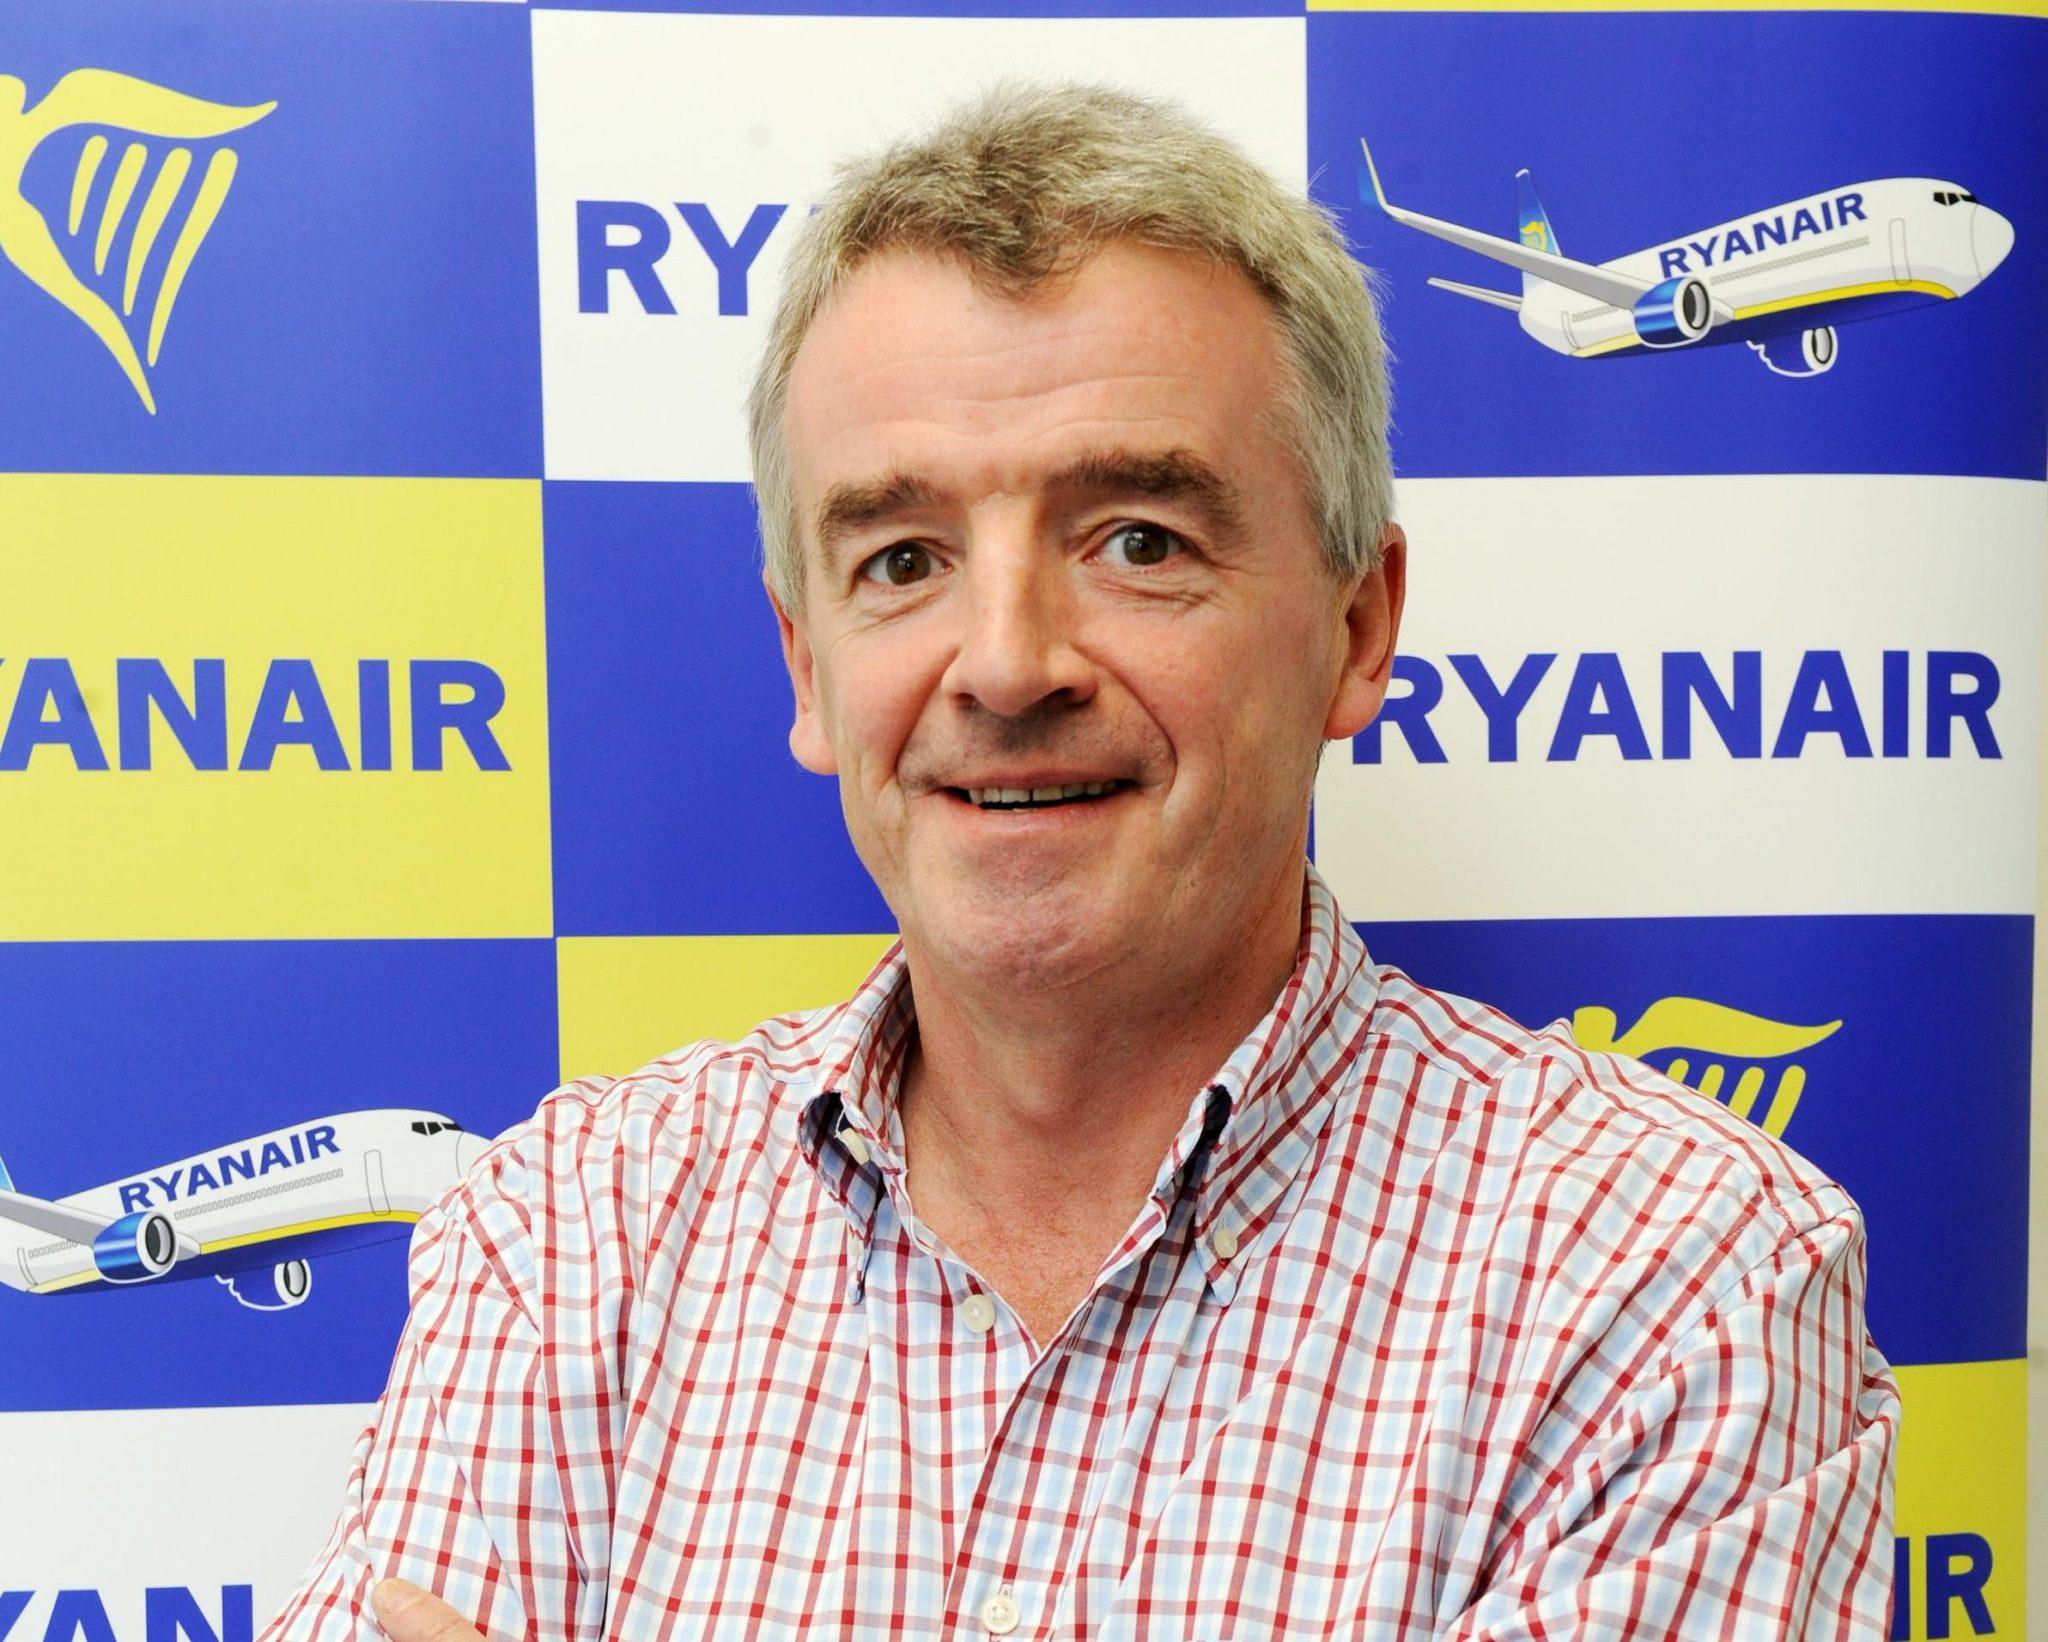 Así ve O'Leary el futuro de la aviación en Europa